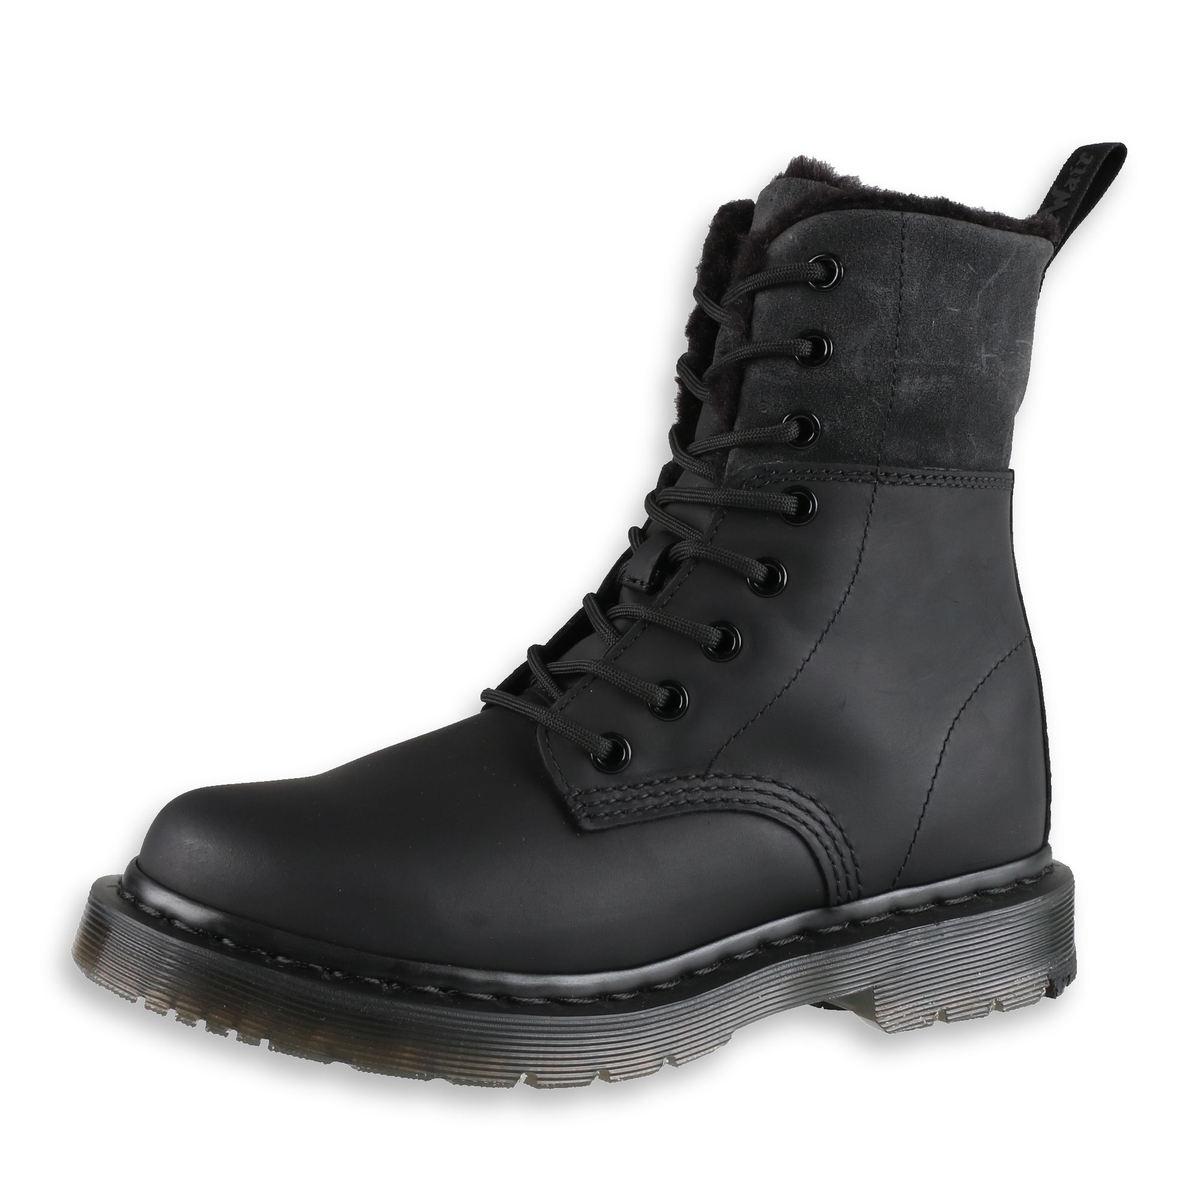 boty dámské zimní DR. MARTENS - 8-dírkové - 1460 Kolbert - black ... d88553e572